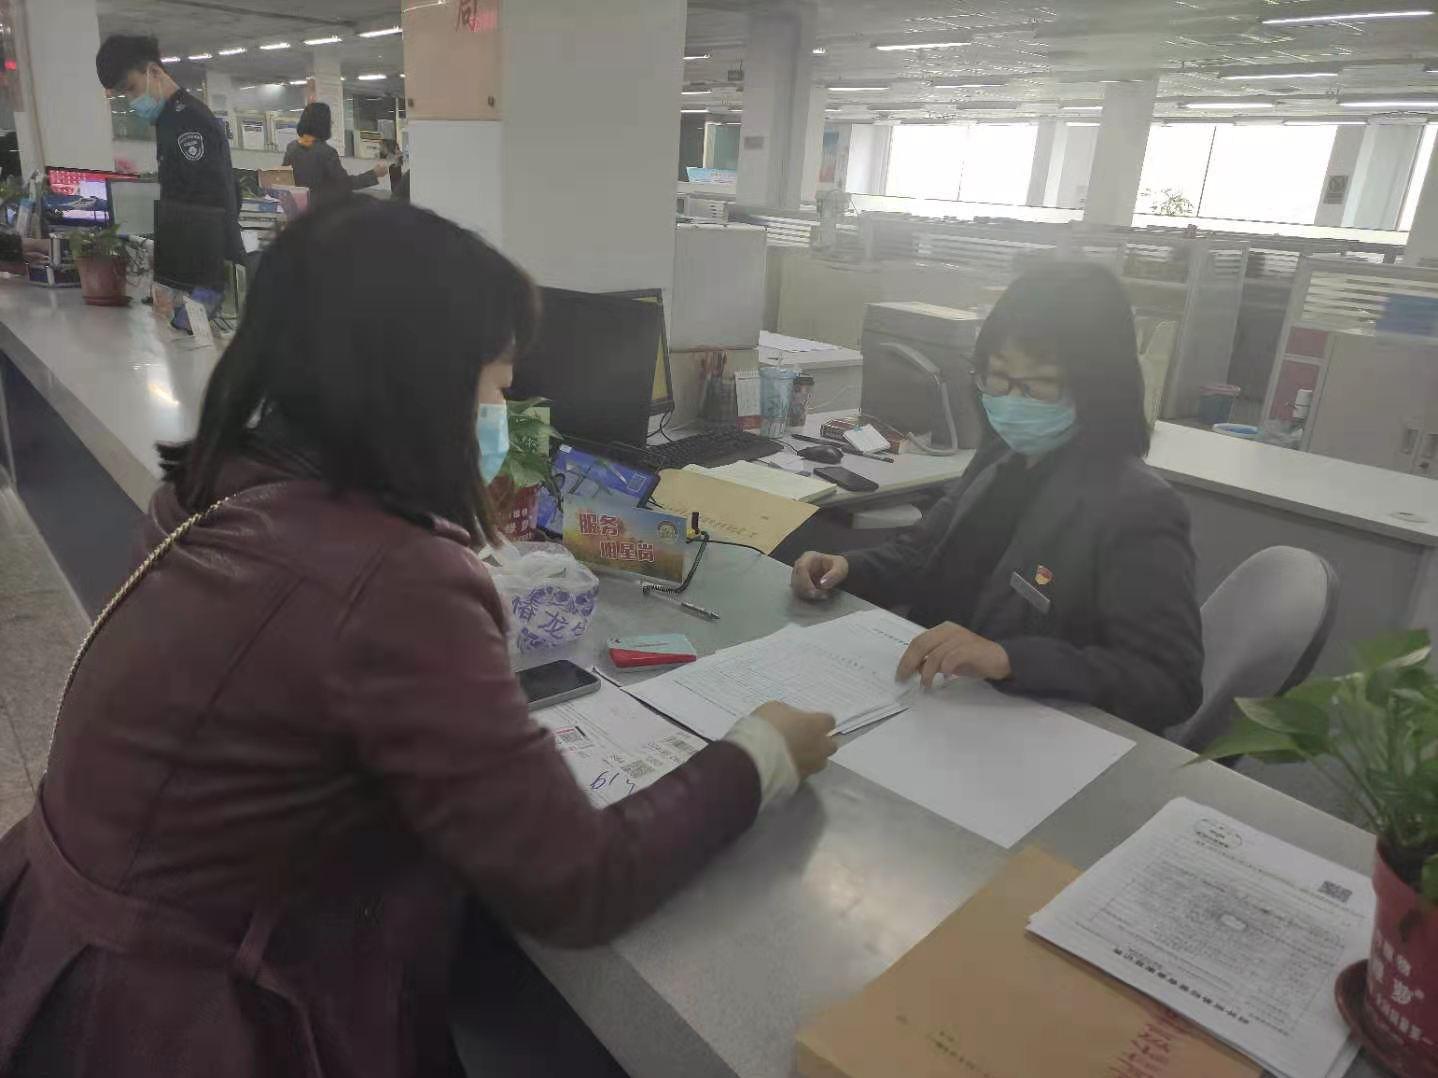 沈阳市苏家屯区营商环境建设局机关支部委员会:做好营商服务的加减法